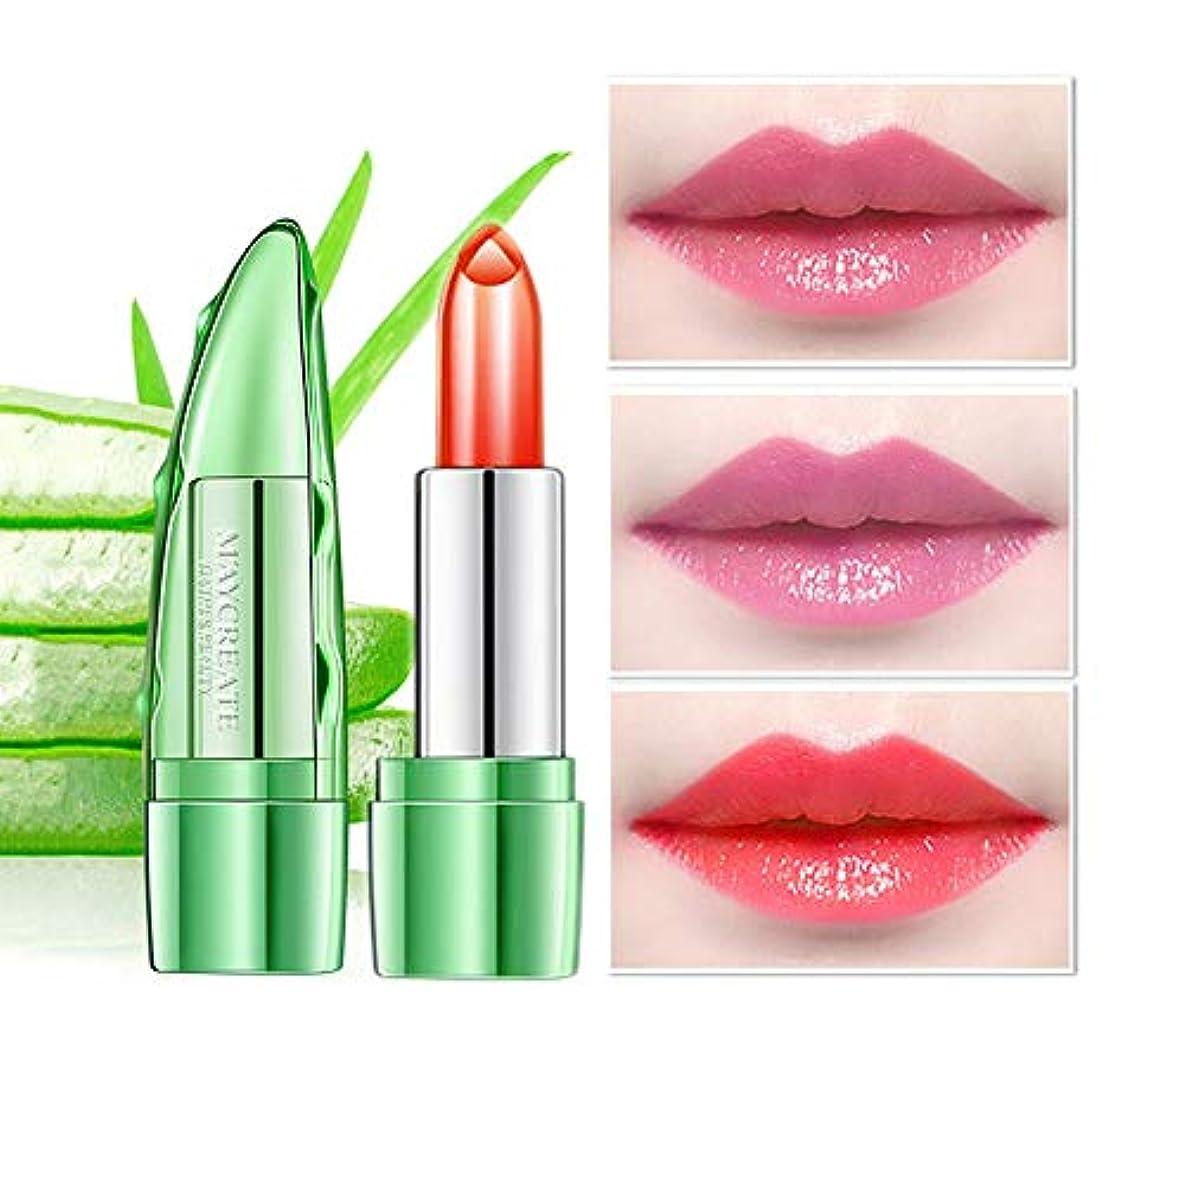 パーティーアパート陽気な1ピースアロエゼリーカラー変更温度口紅、長続きがする保湿唇ケア変色口紅リップペンシルリップグロス (3)